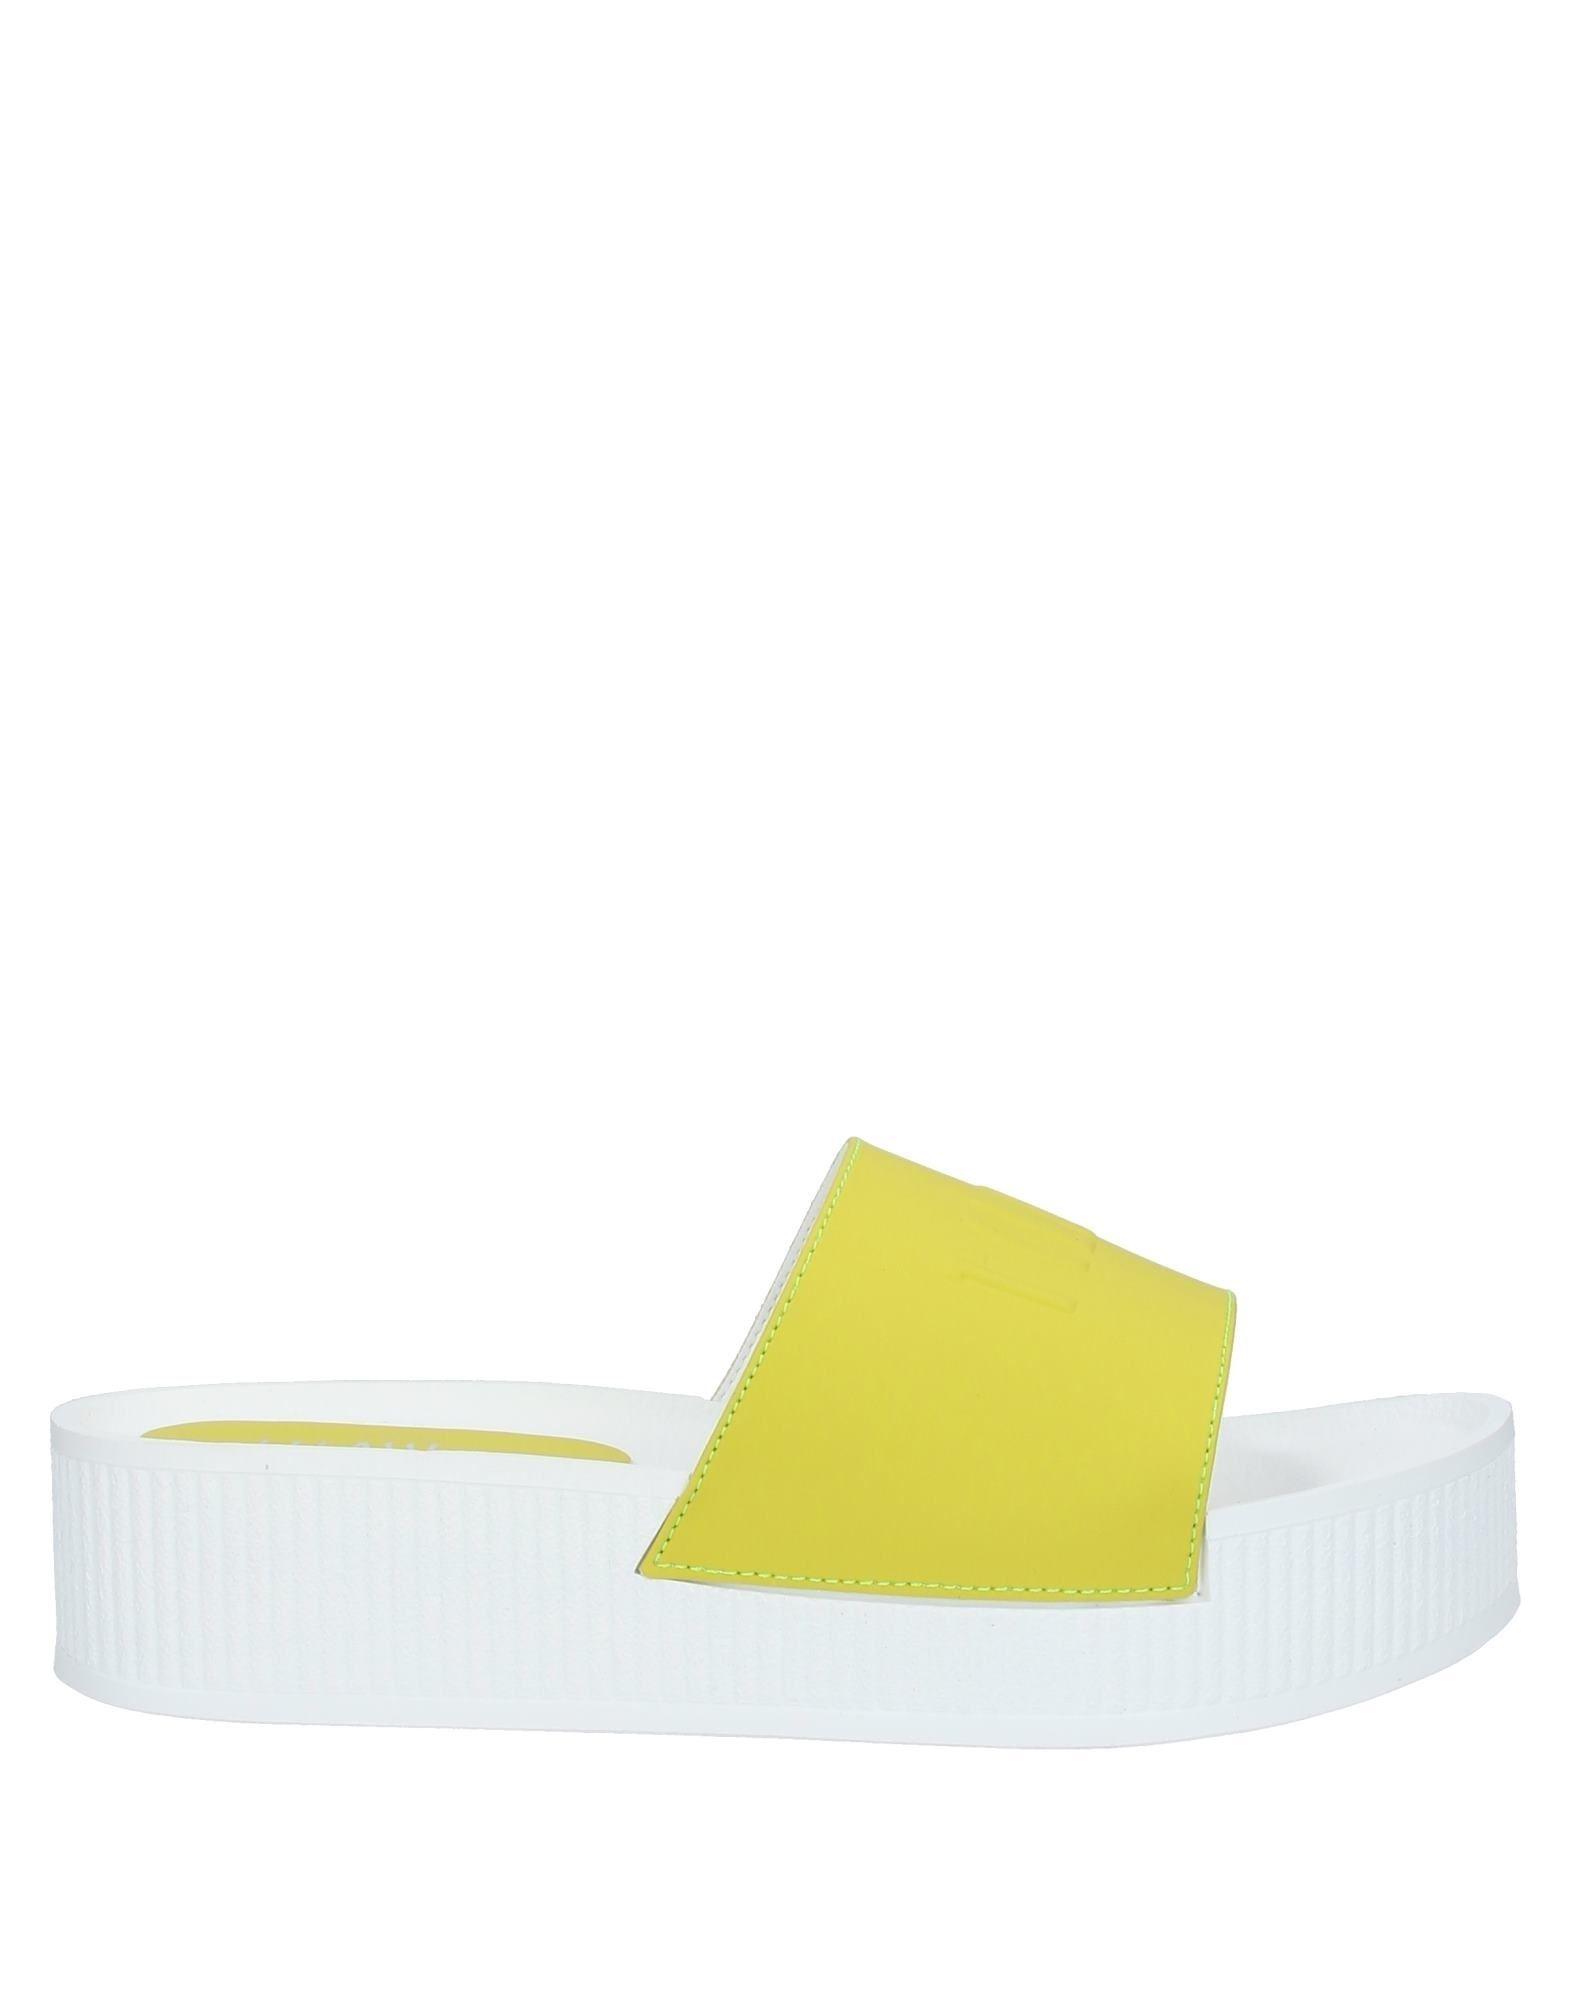 《セール開催中》ALVIERO MARTINI 1a CLASSE レディース サンダル ビタミングリーン 36 ポリウレタン 70% / PES - ポリエーテルサルフォン 18% / コットン 12%